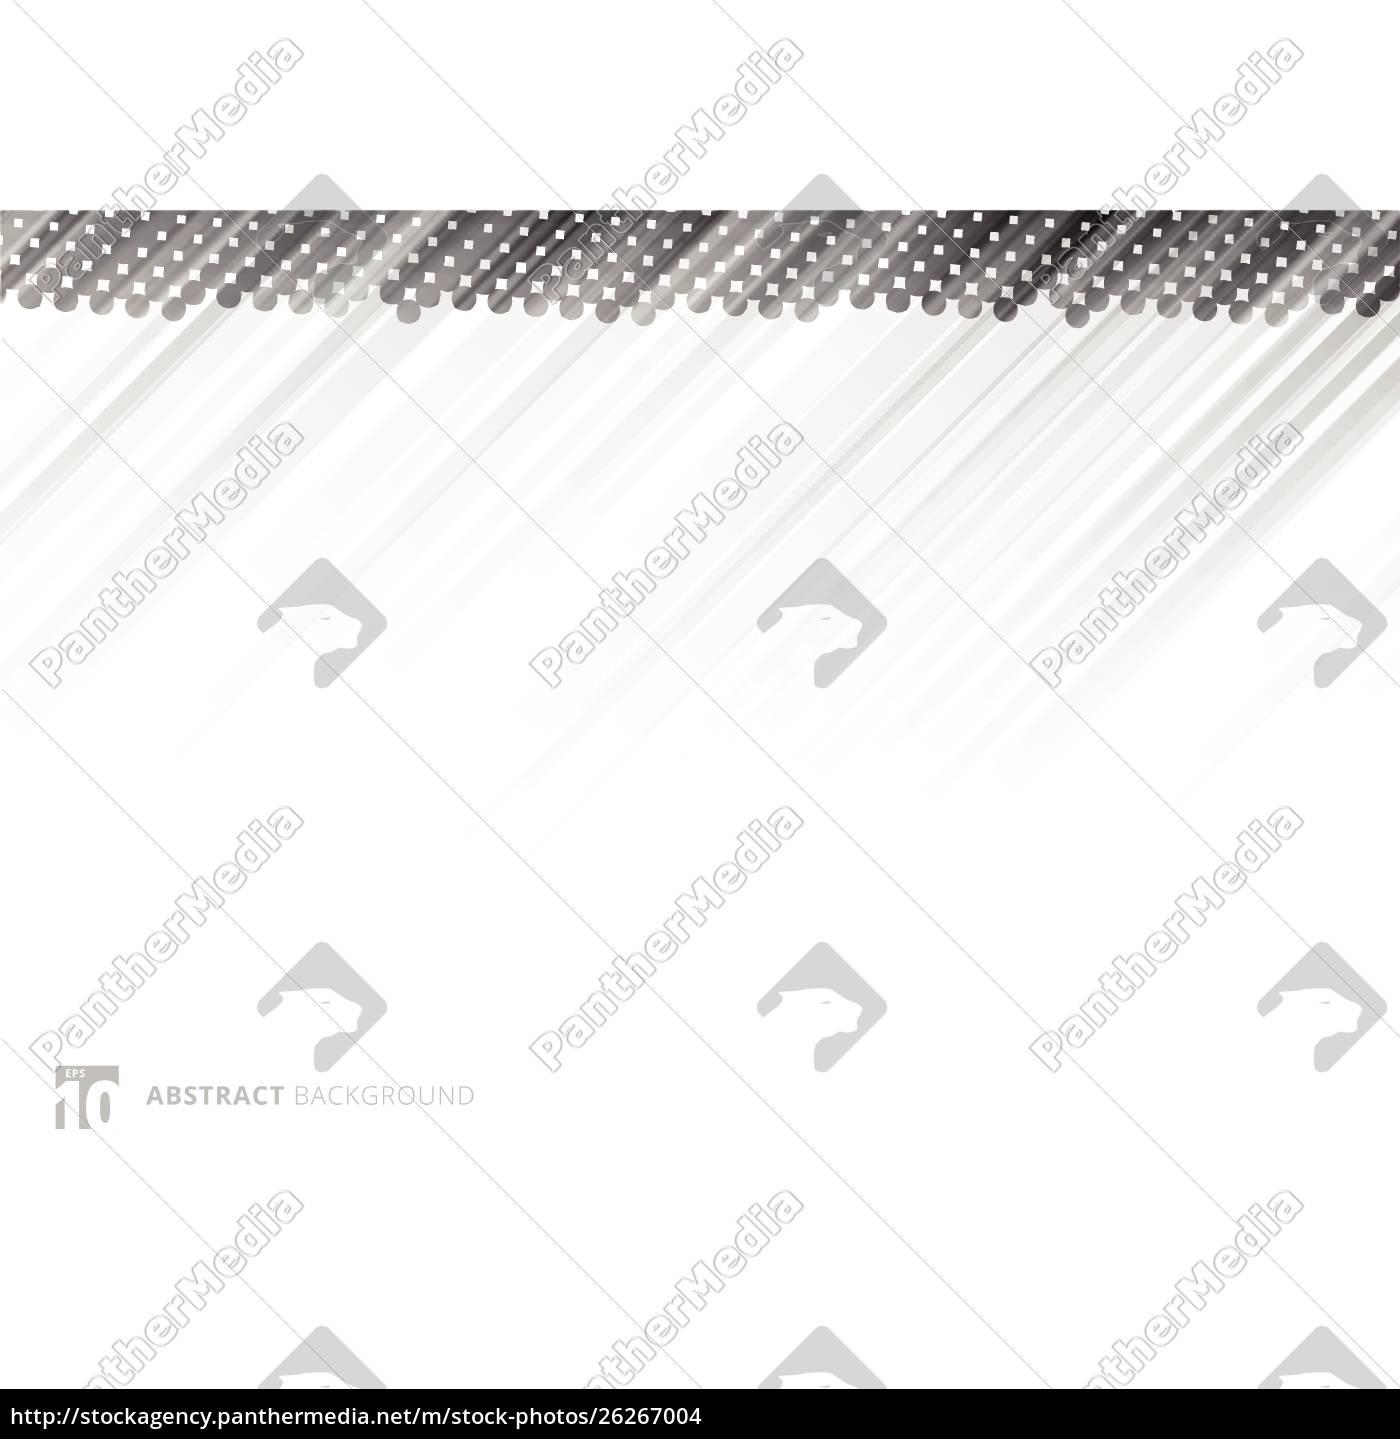 graue, abstrakte, diagonale, linien, hintergrundtechnologie, mit - 26267004